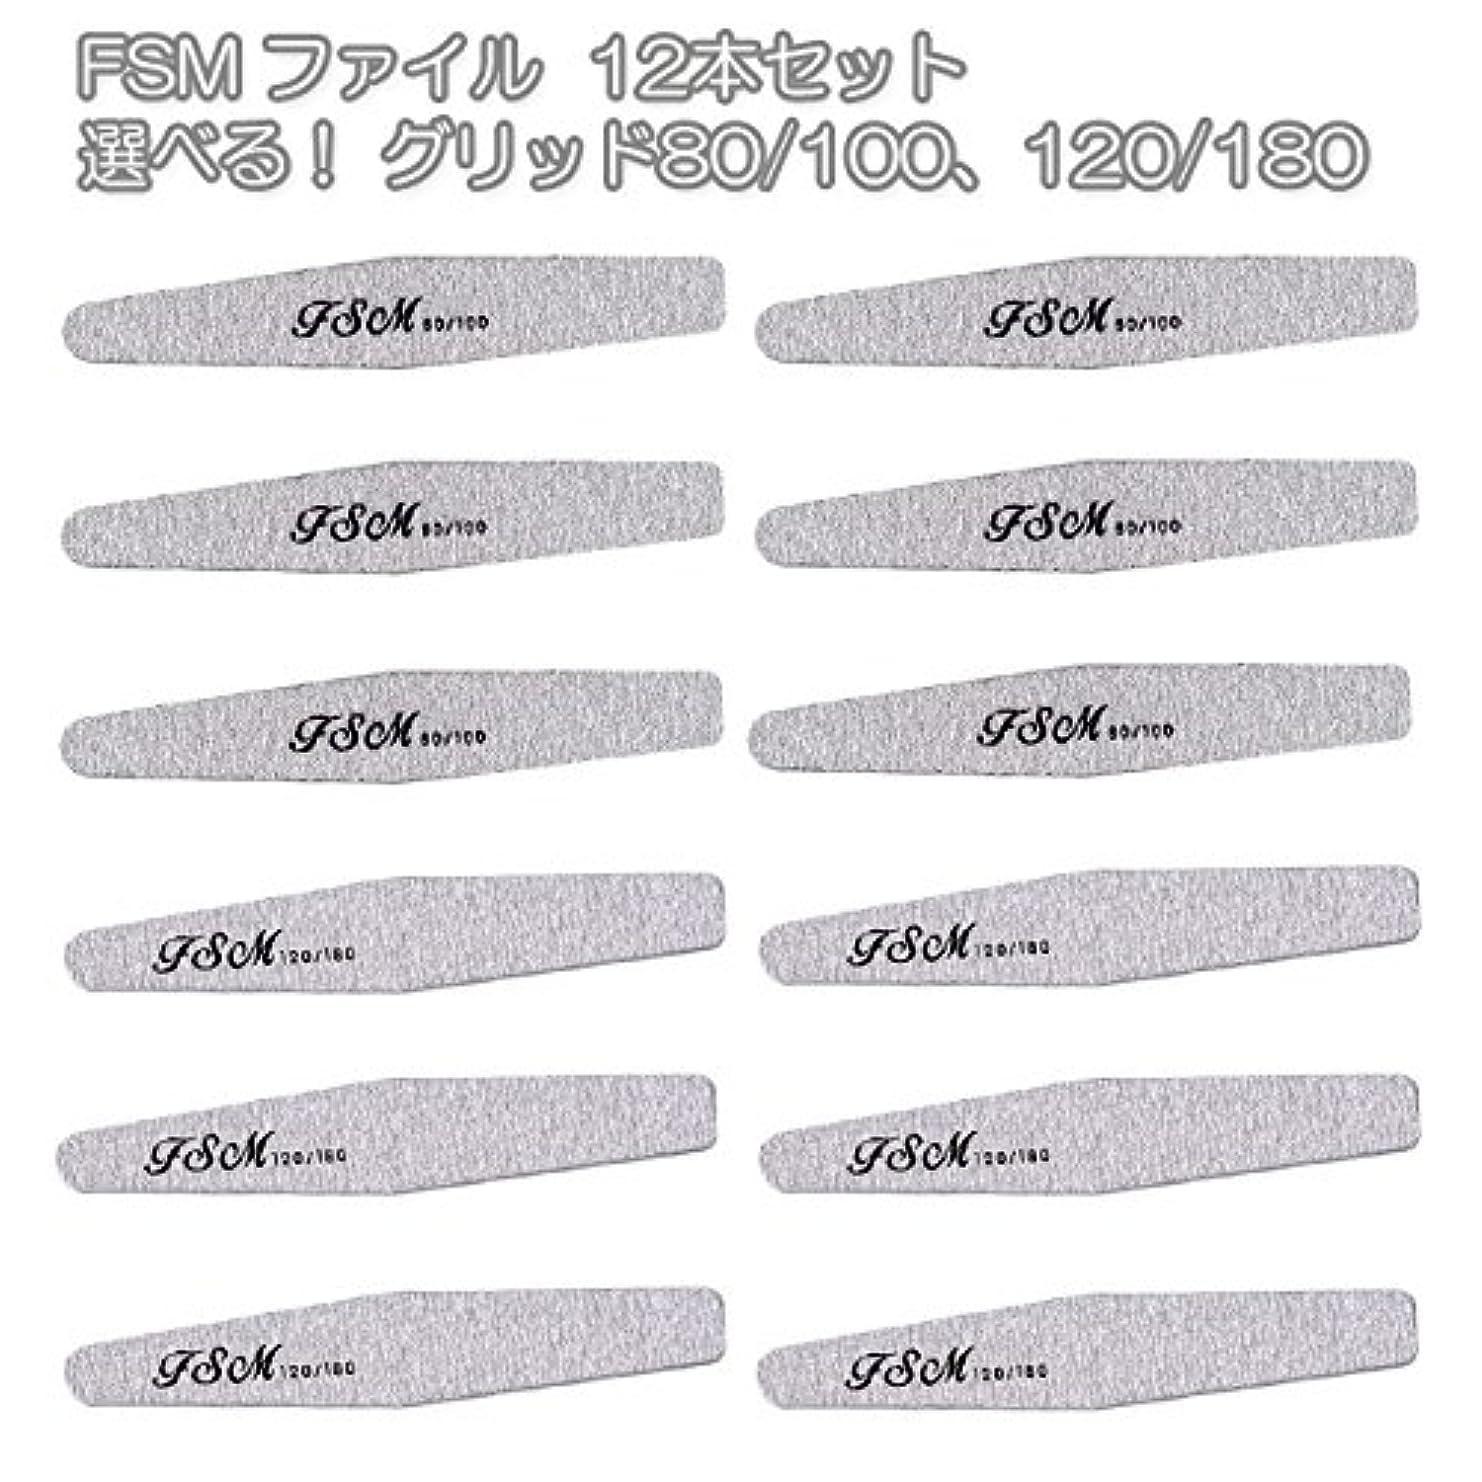 代理人縁石大破FSM ネイルファイル/バッファー12本セット(選べる!グリッド80/100、120/180) (G80/100の12本)